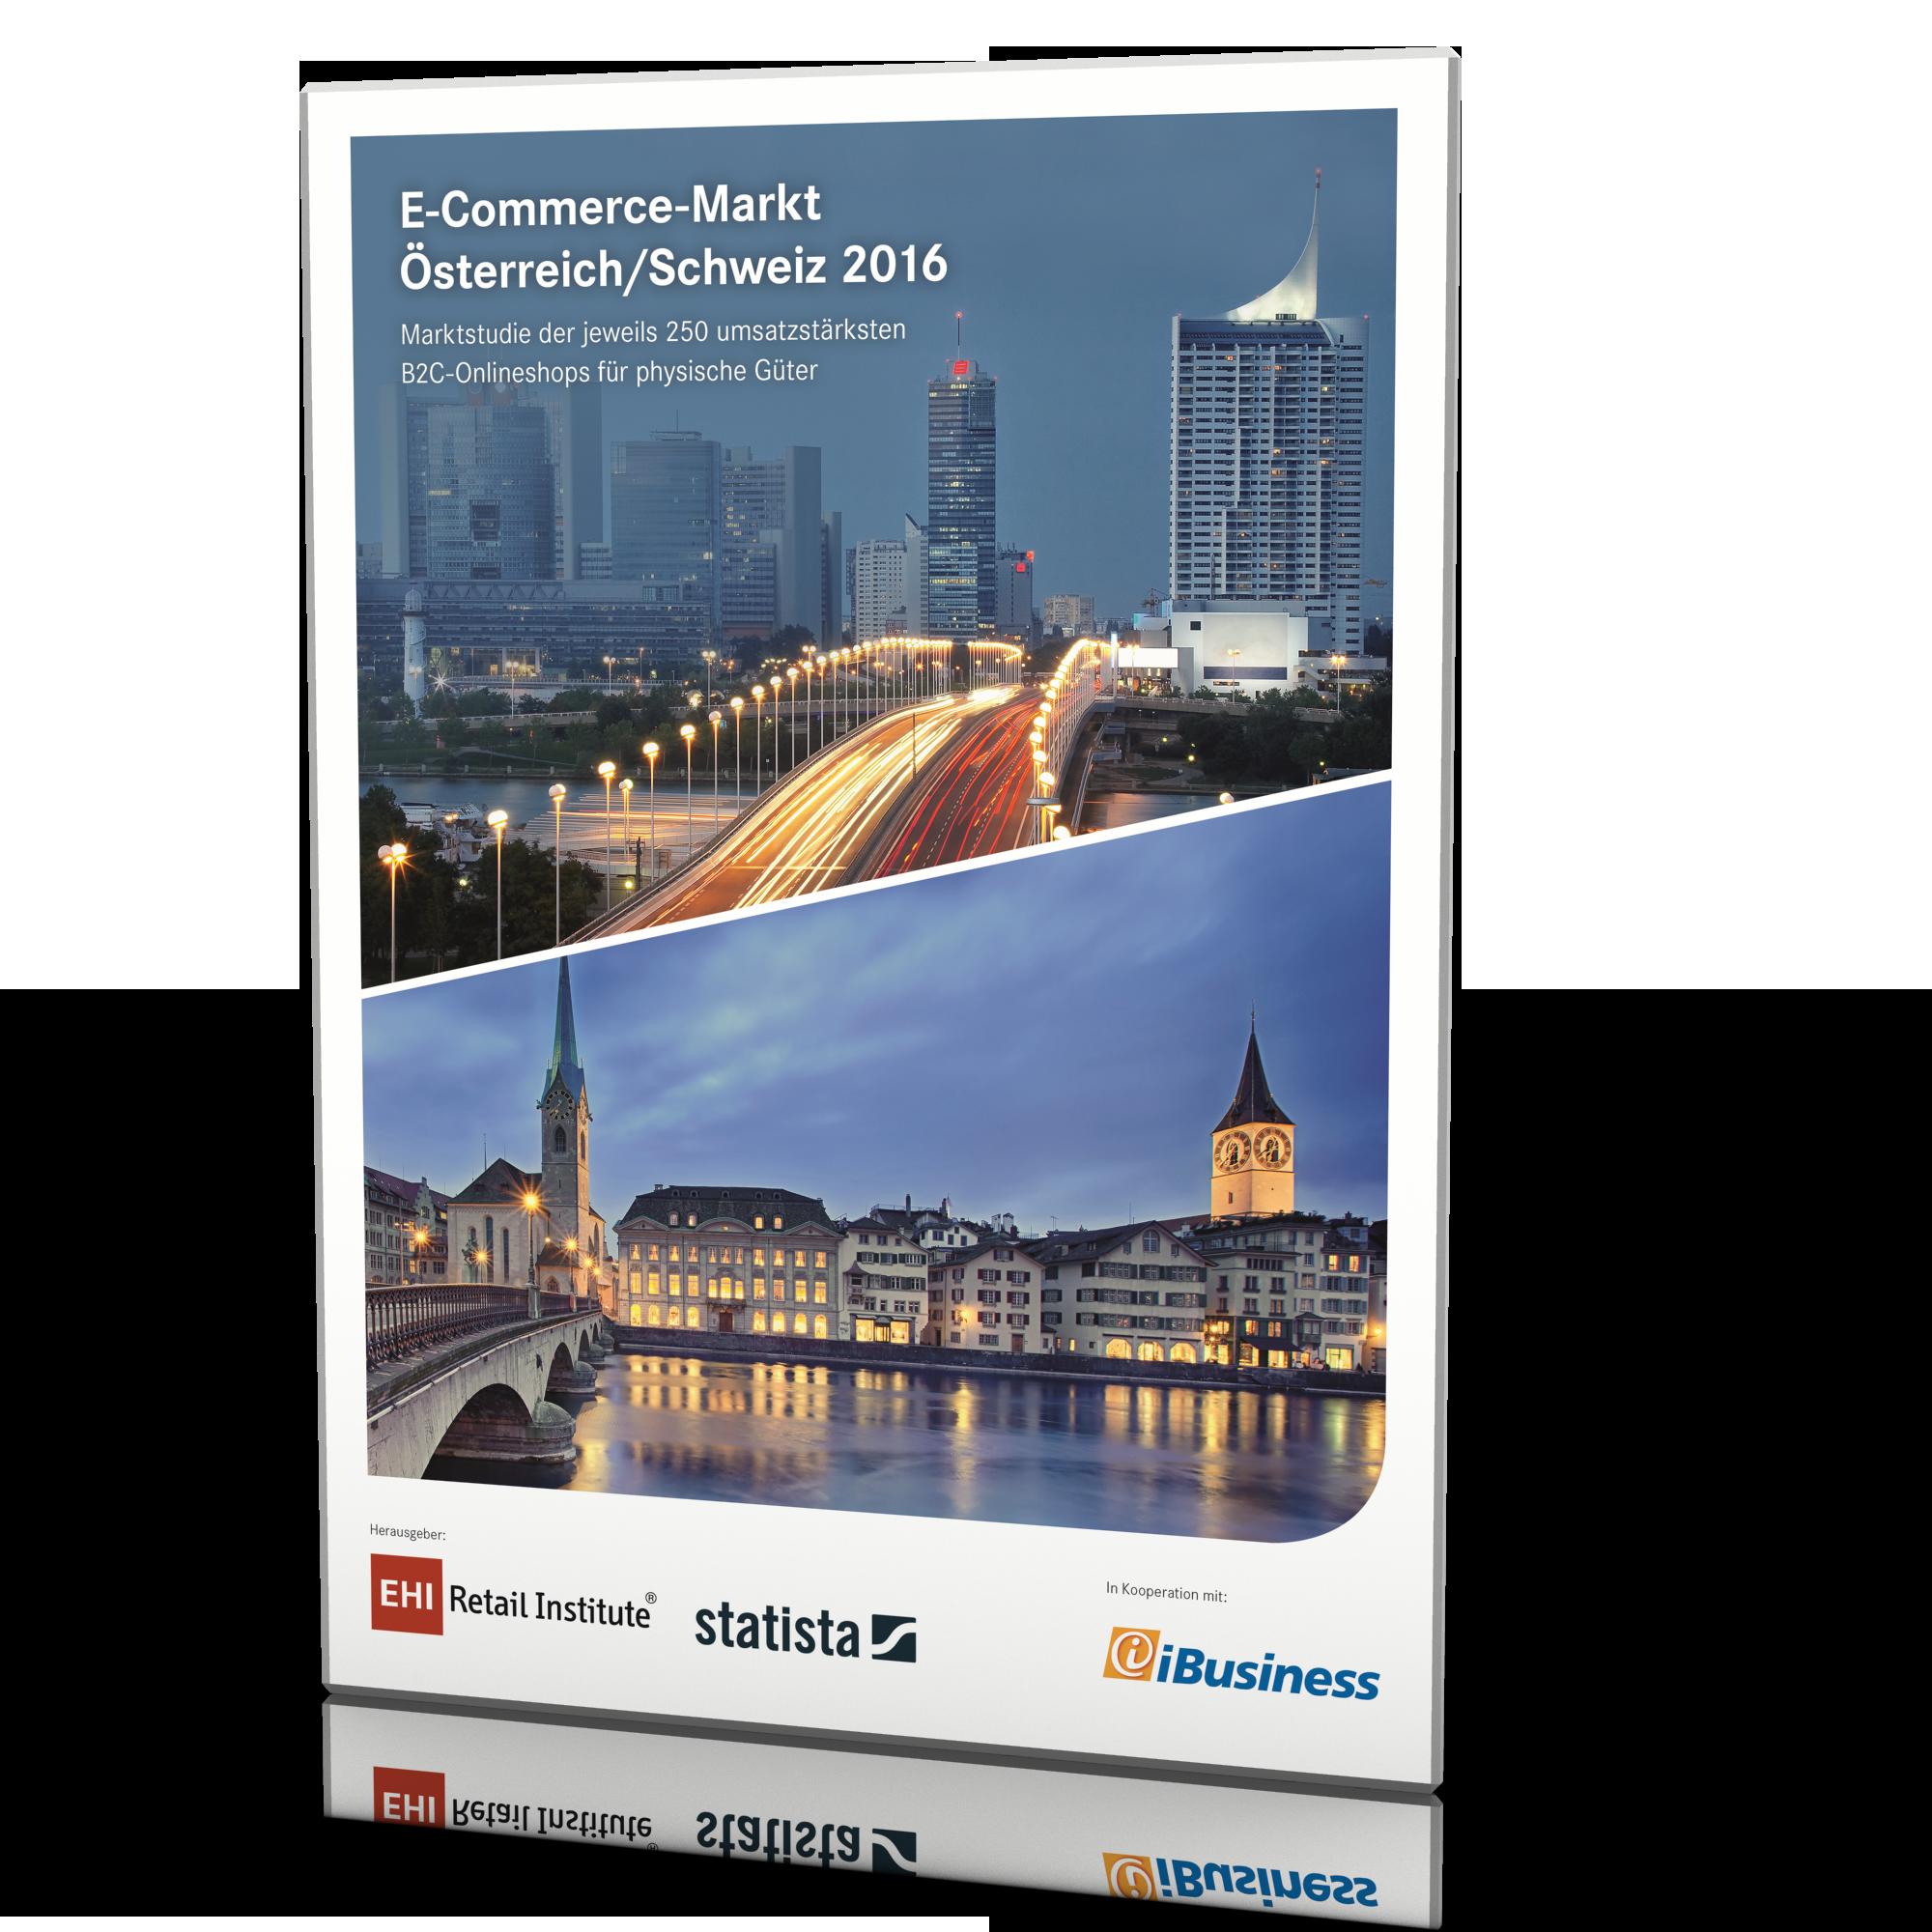 E-Commerce-Markt Österreich/Schweiz 2016